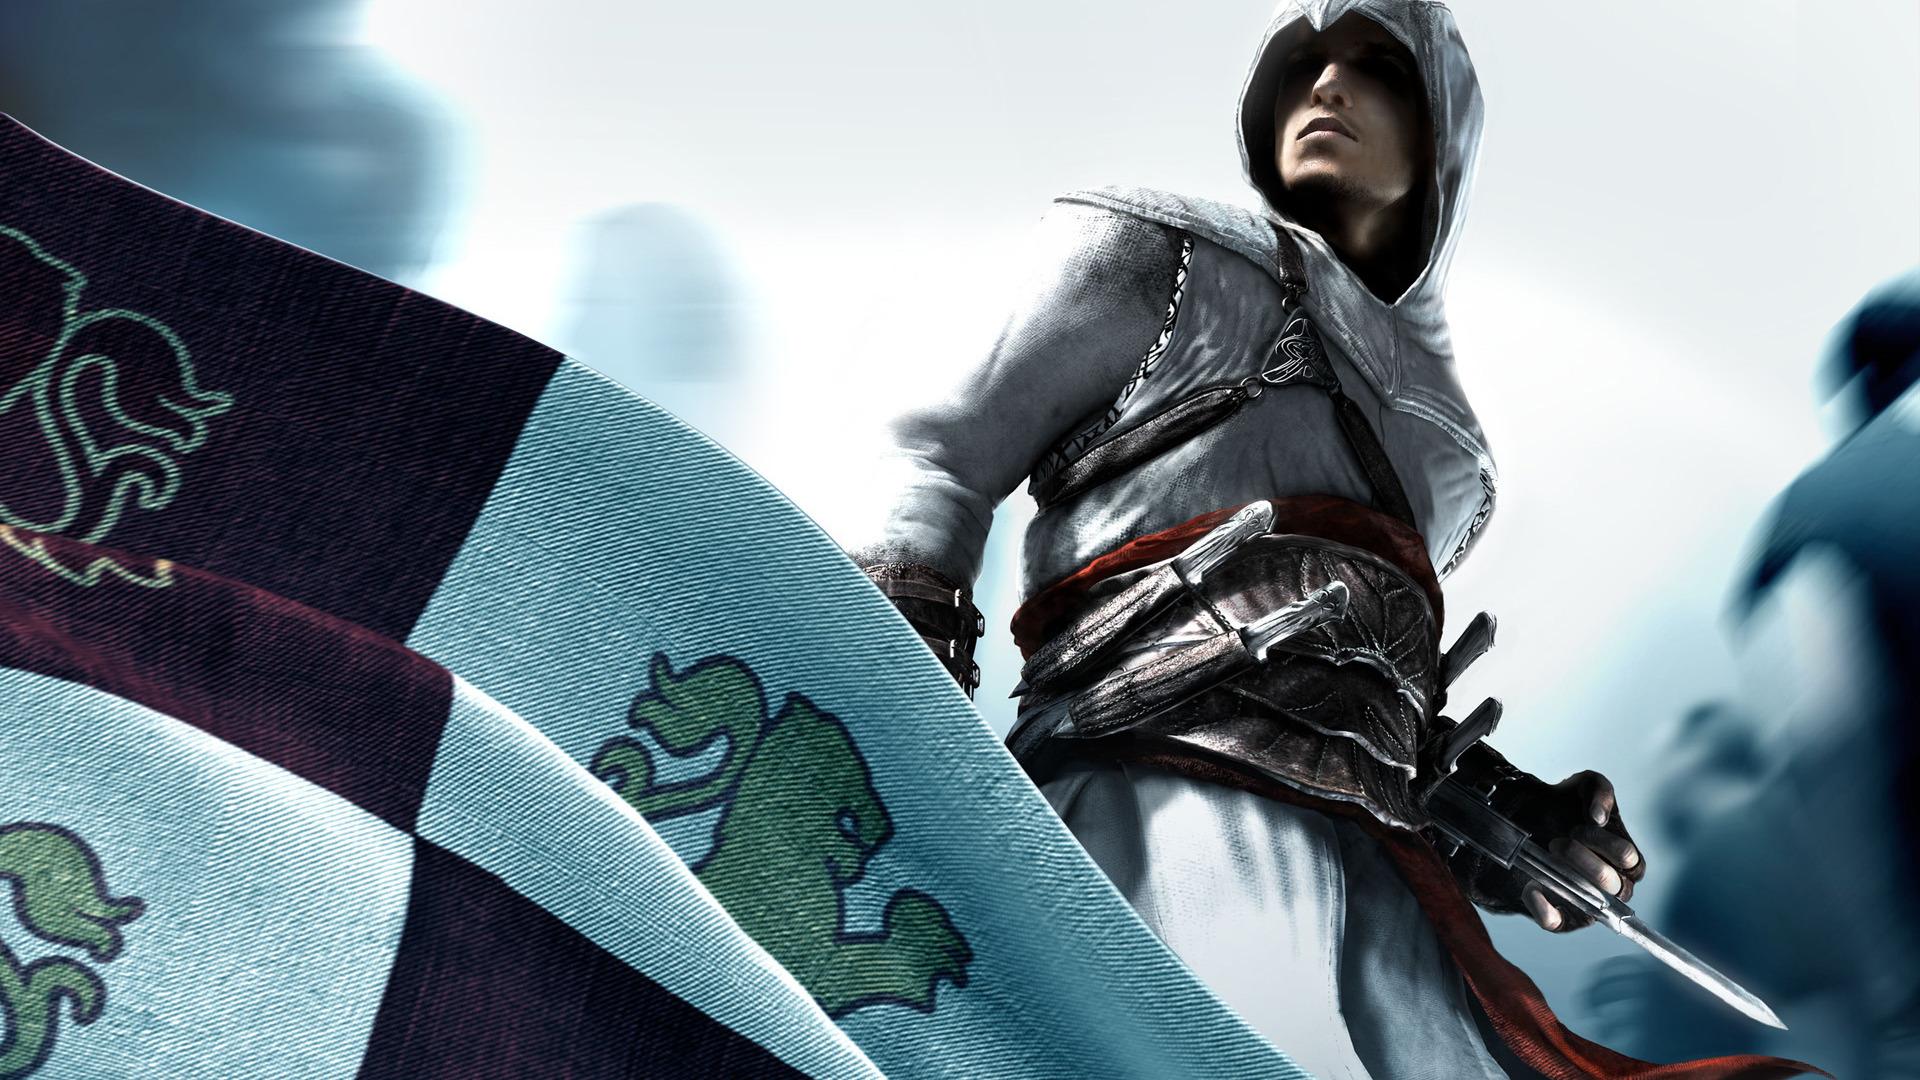 21213 Hintergrundbild herunterladen Spiele, Assassins Creed - Bildschirmschoner und Bilder kostenlos